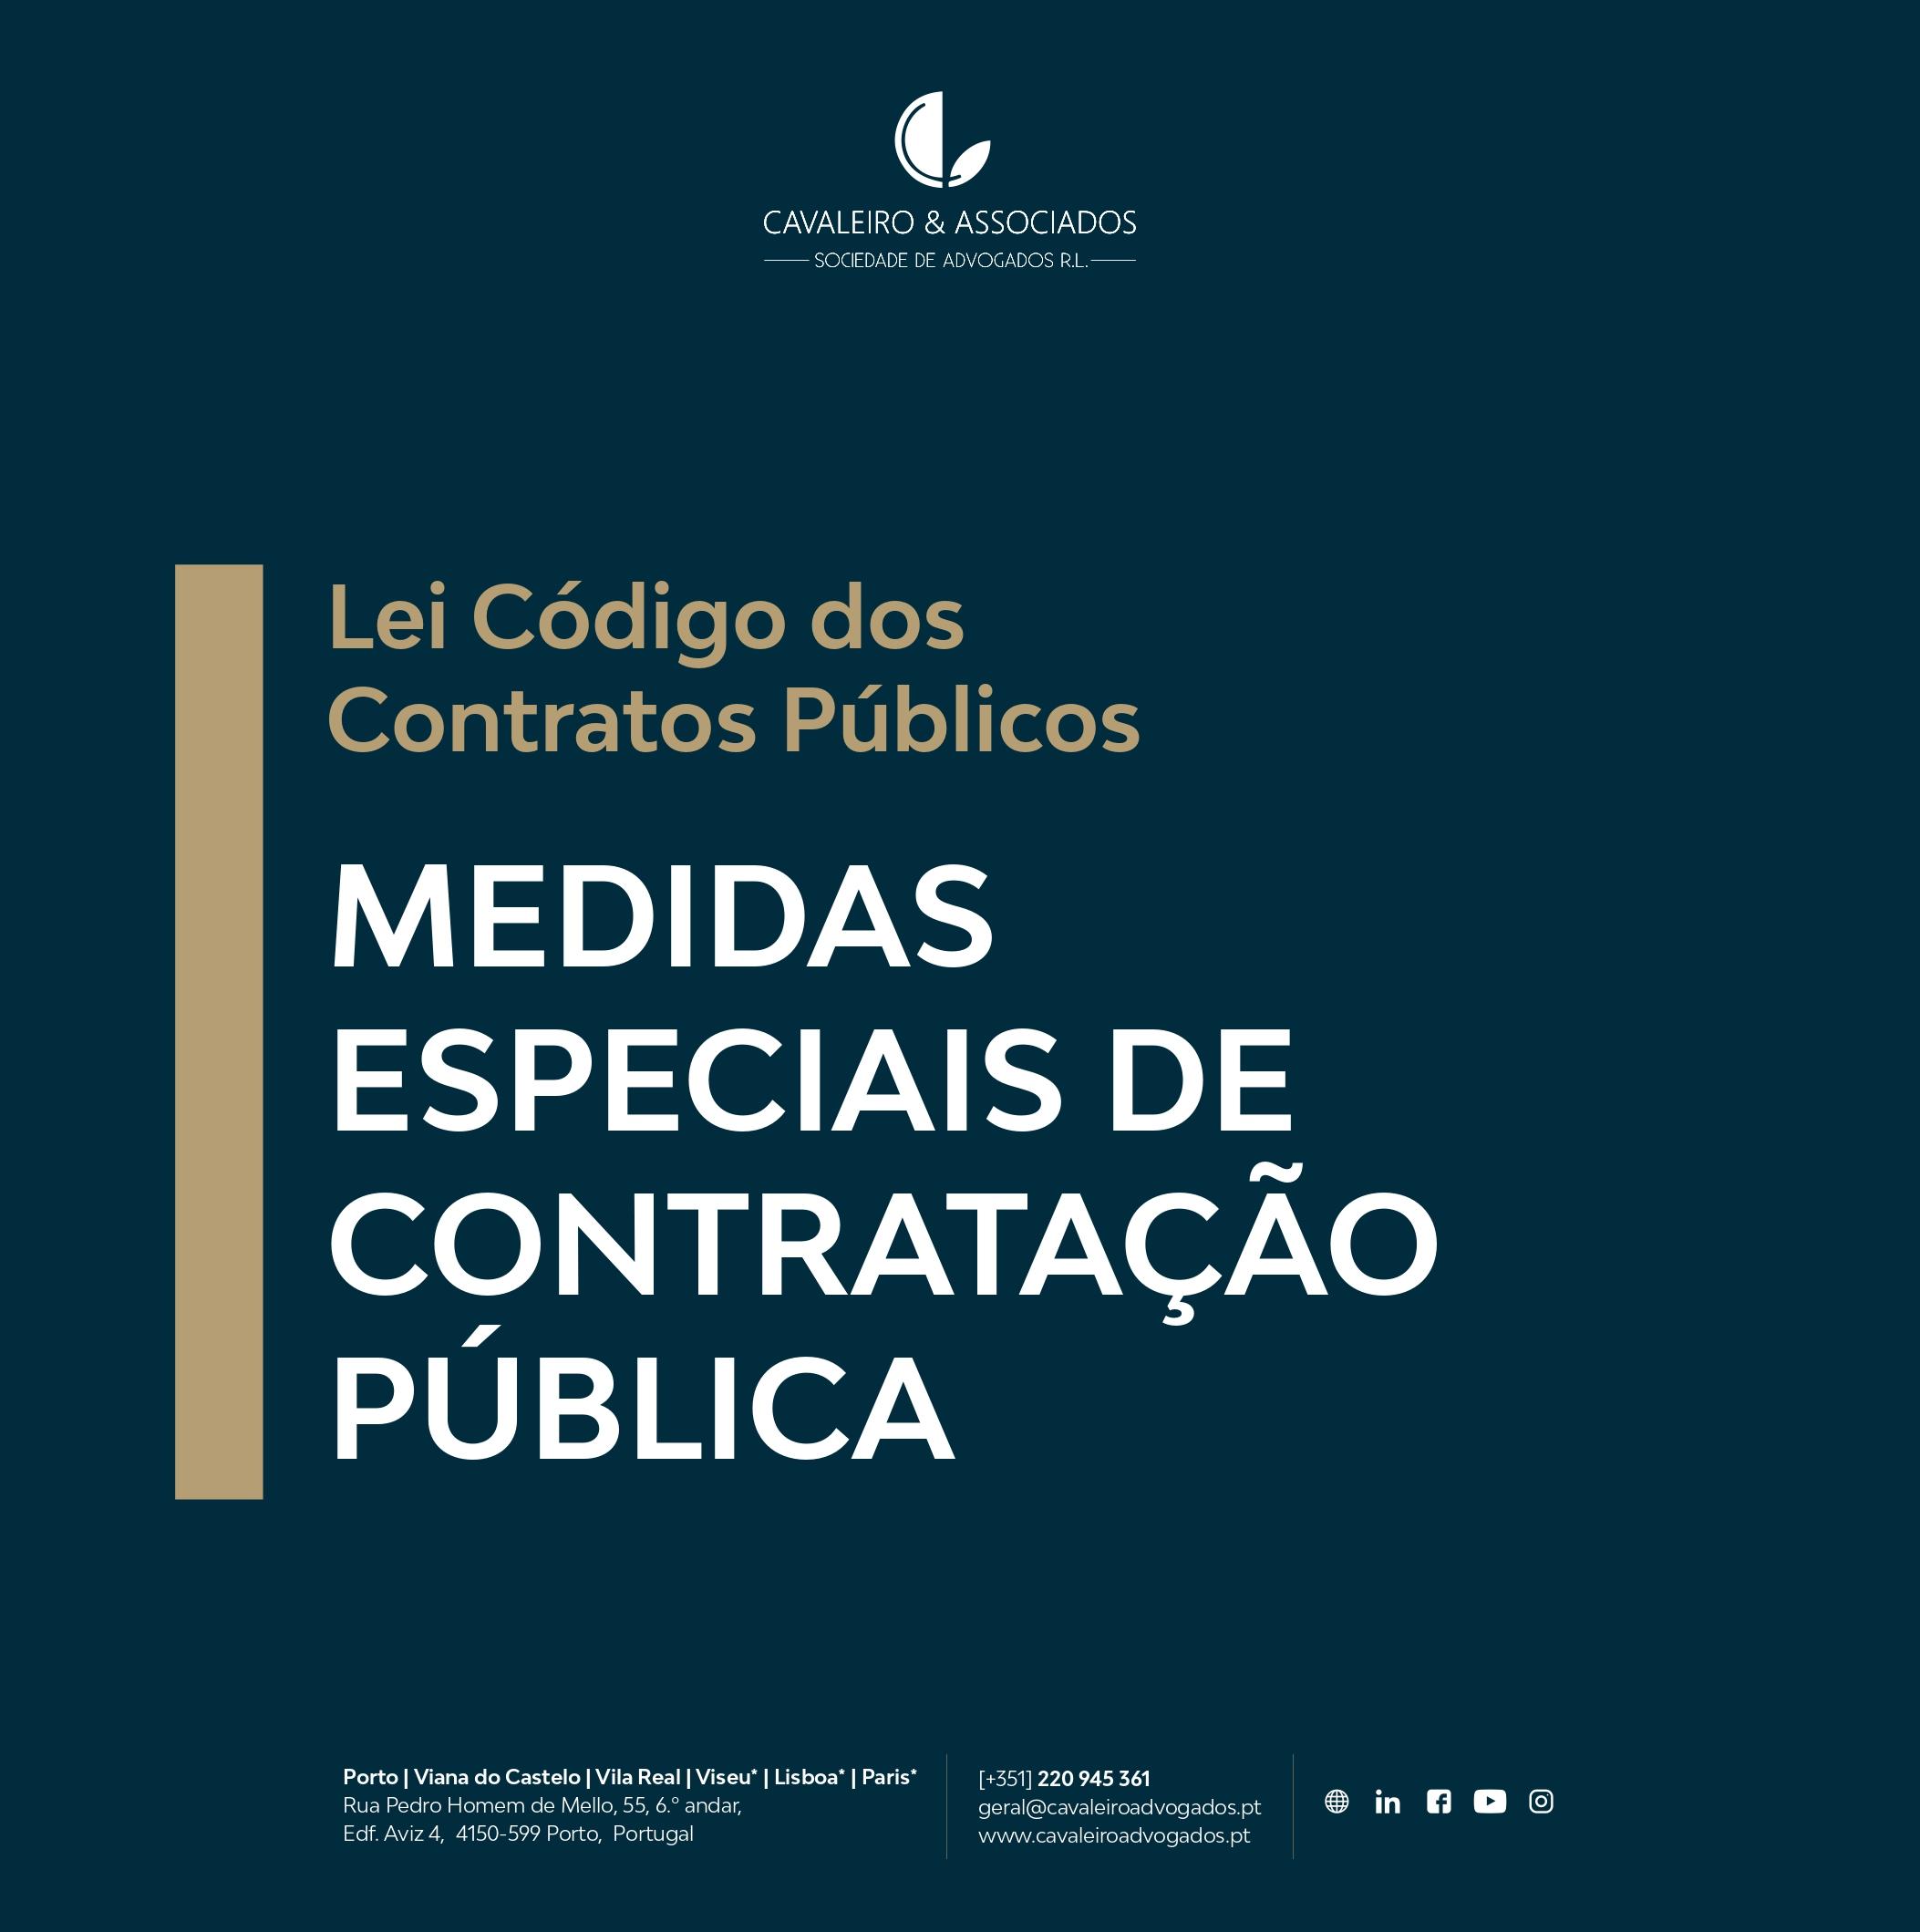 Medidas Especiais de Contratação Pública